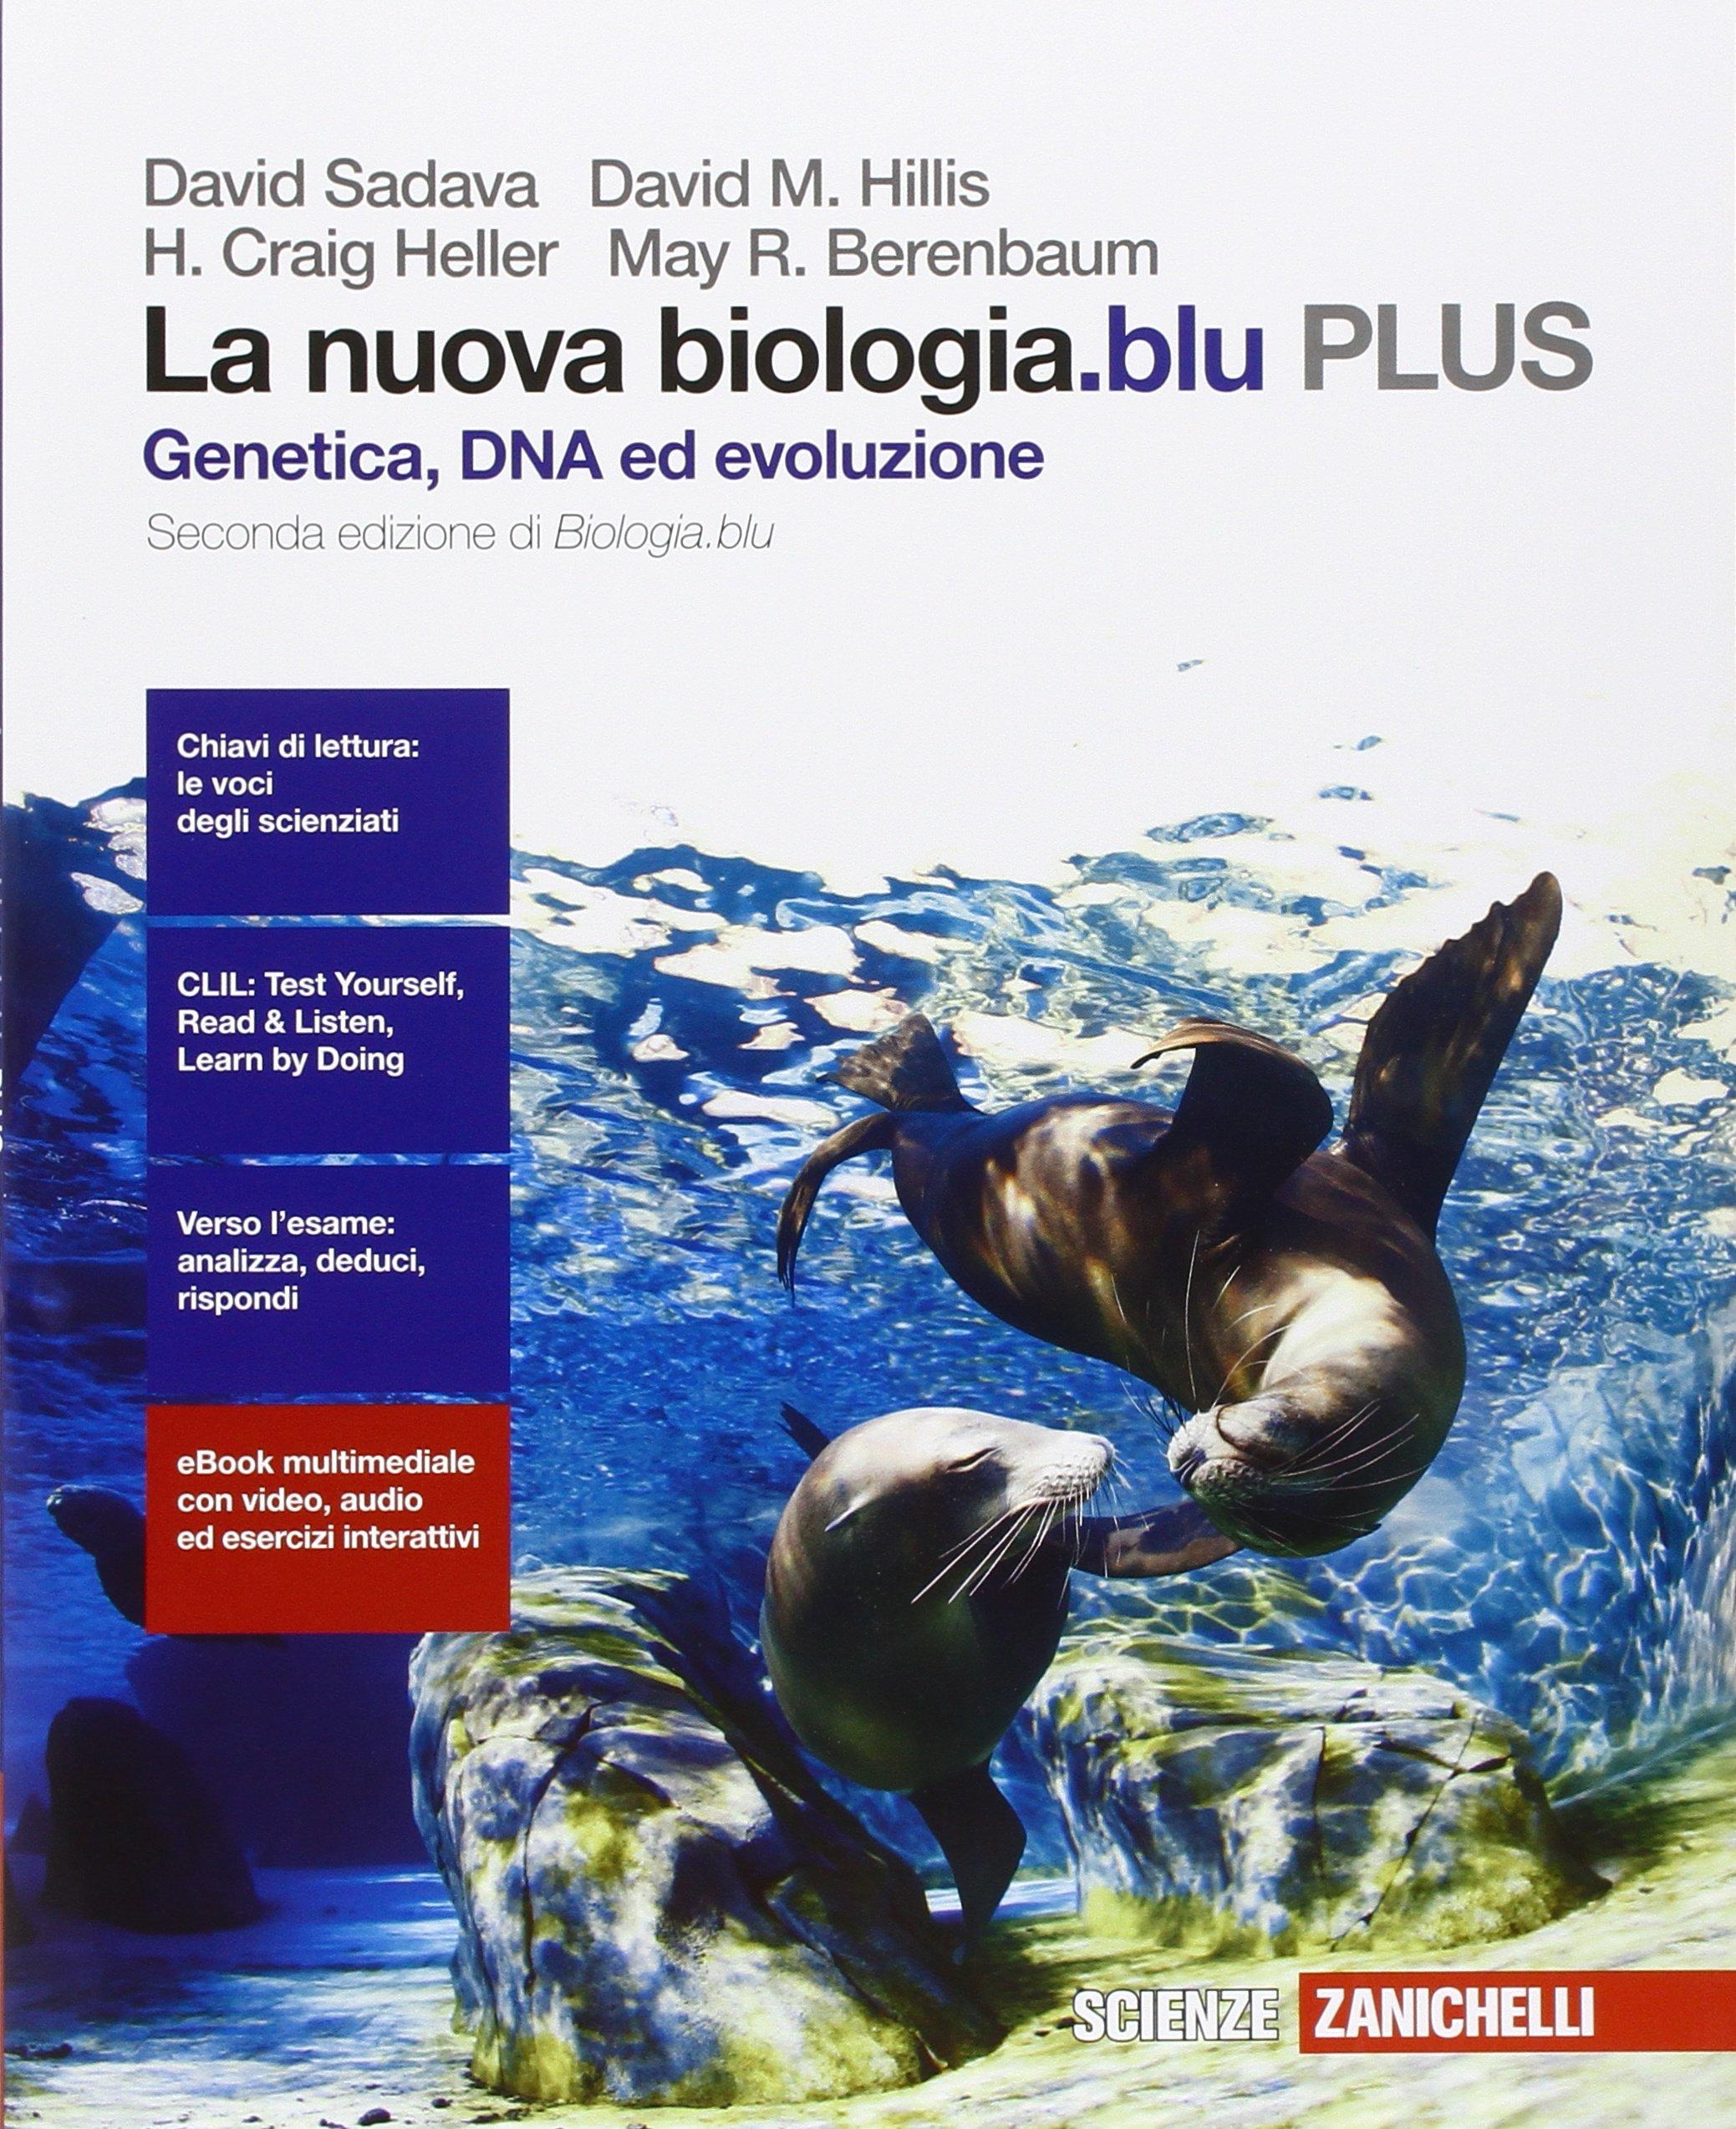 La nuova biologia.blu PLUS – Genetica, DNA, ed evoluzione, libro di biologia per le scuole superiori